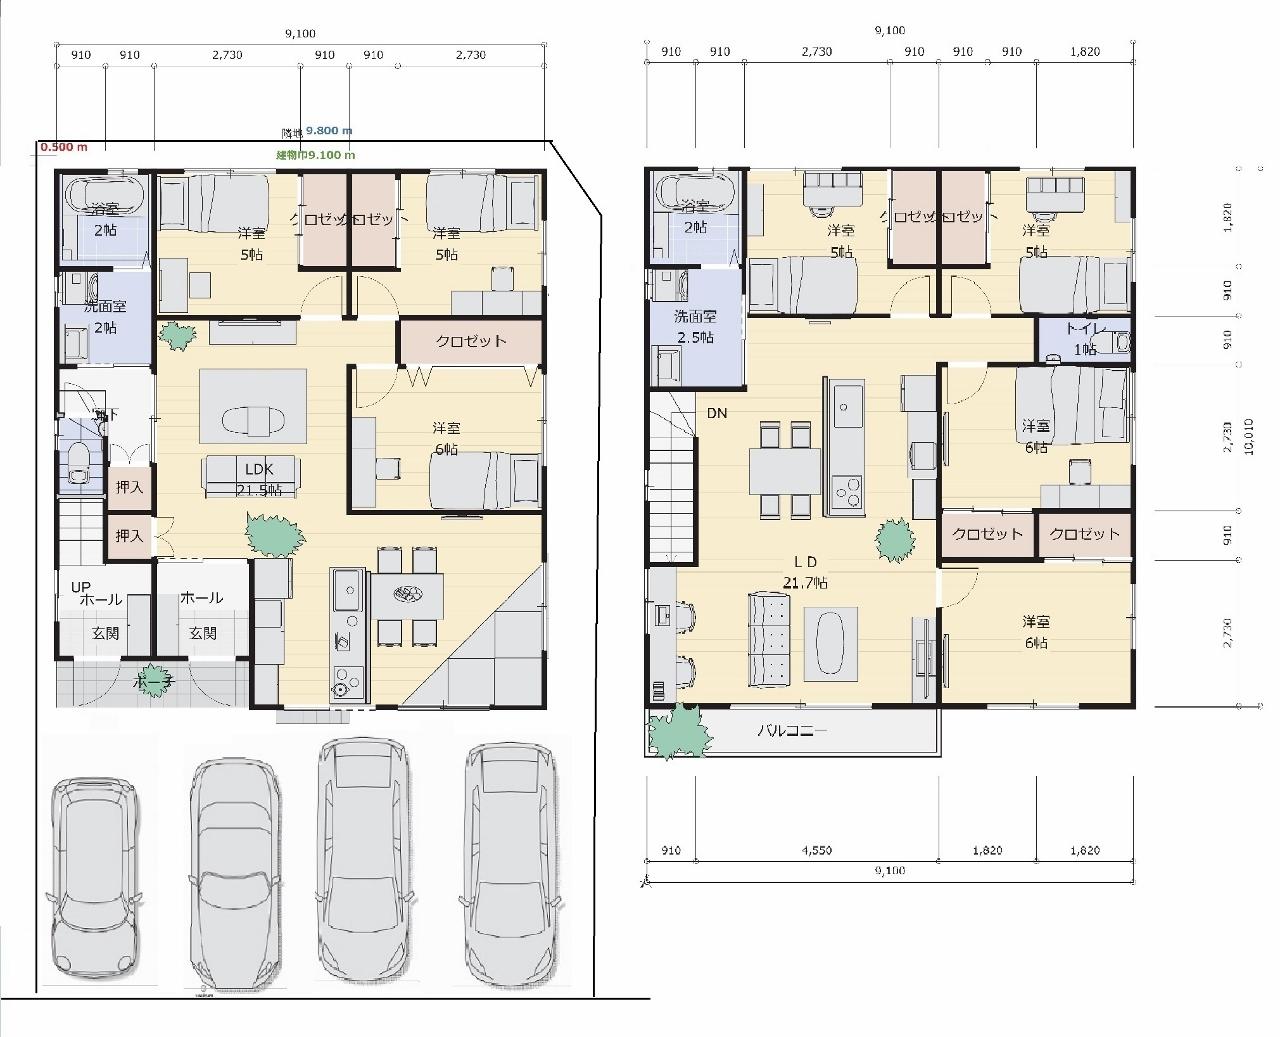 狭小住宅のプラン集 | 株式会社建築システム